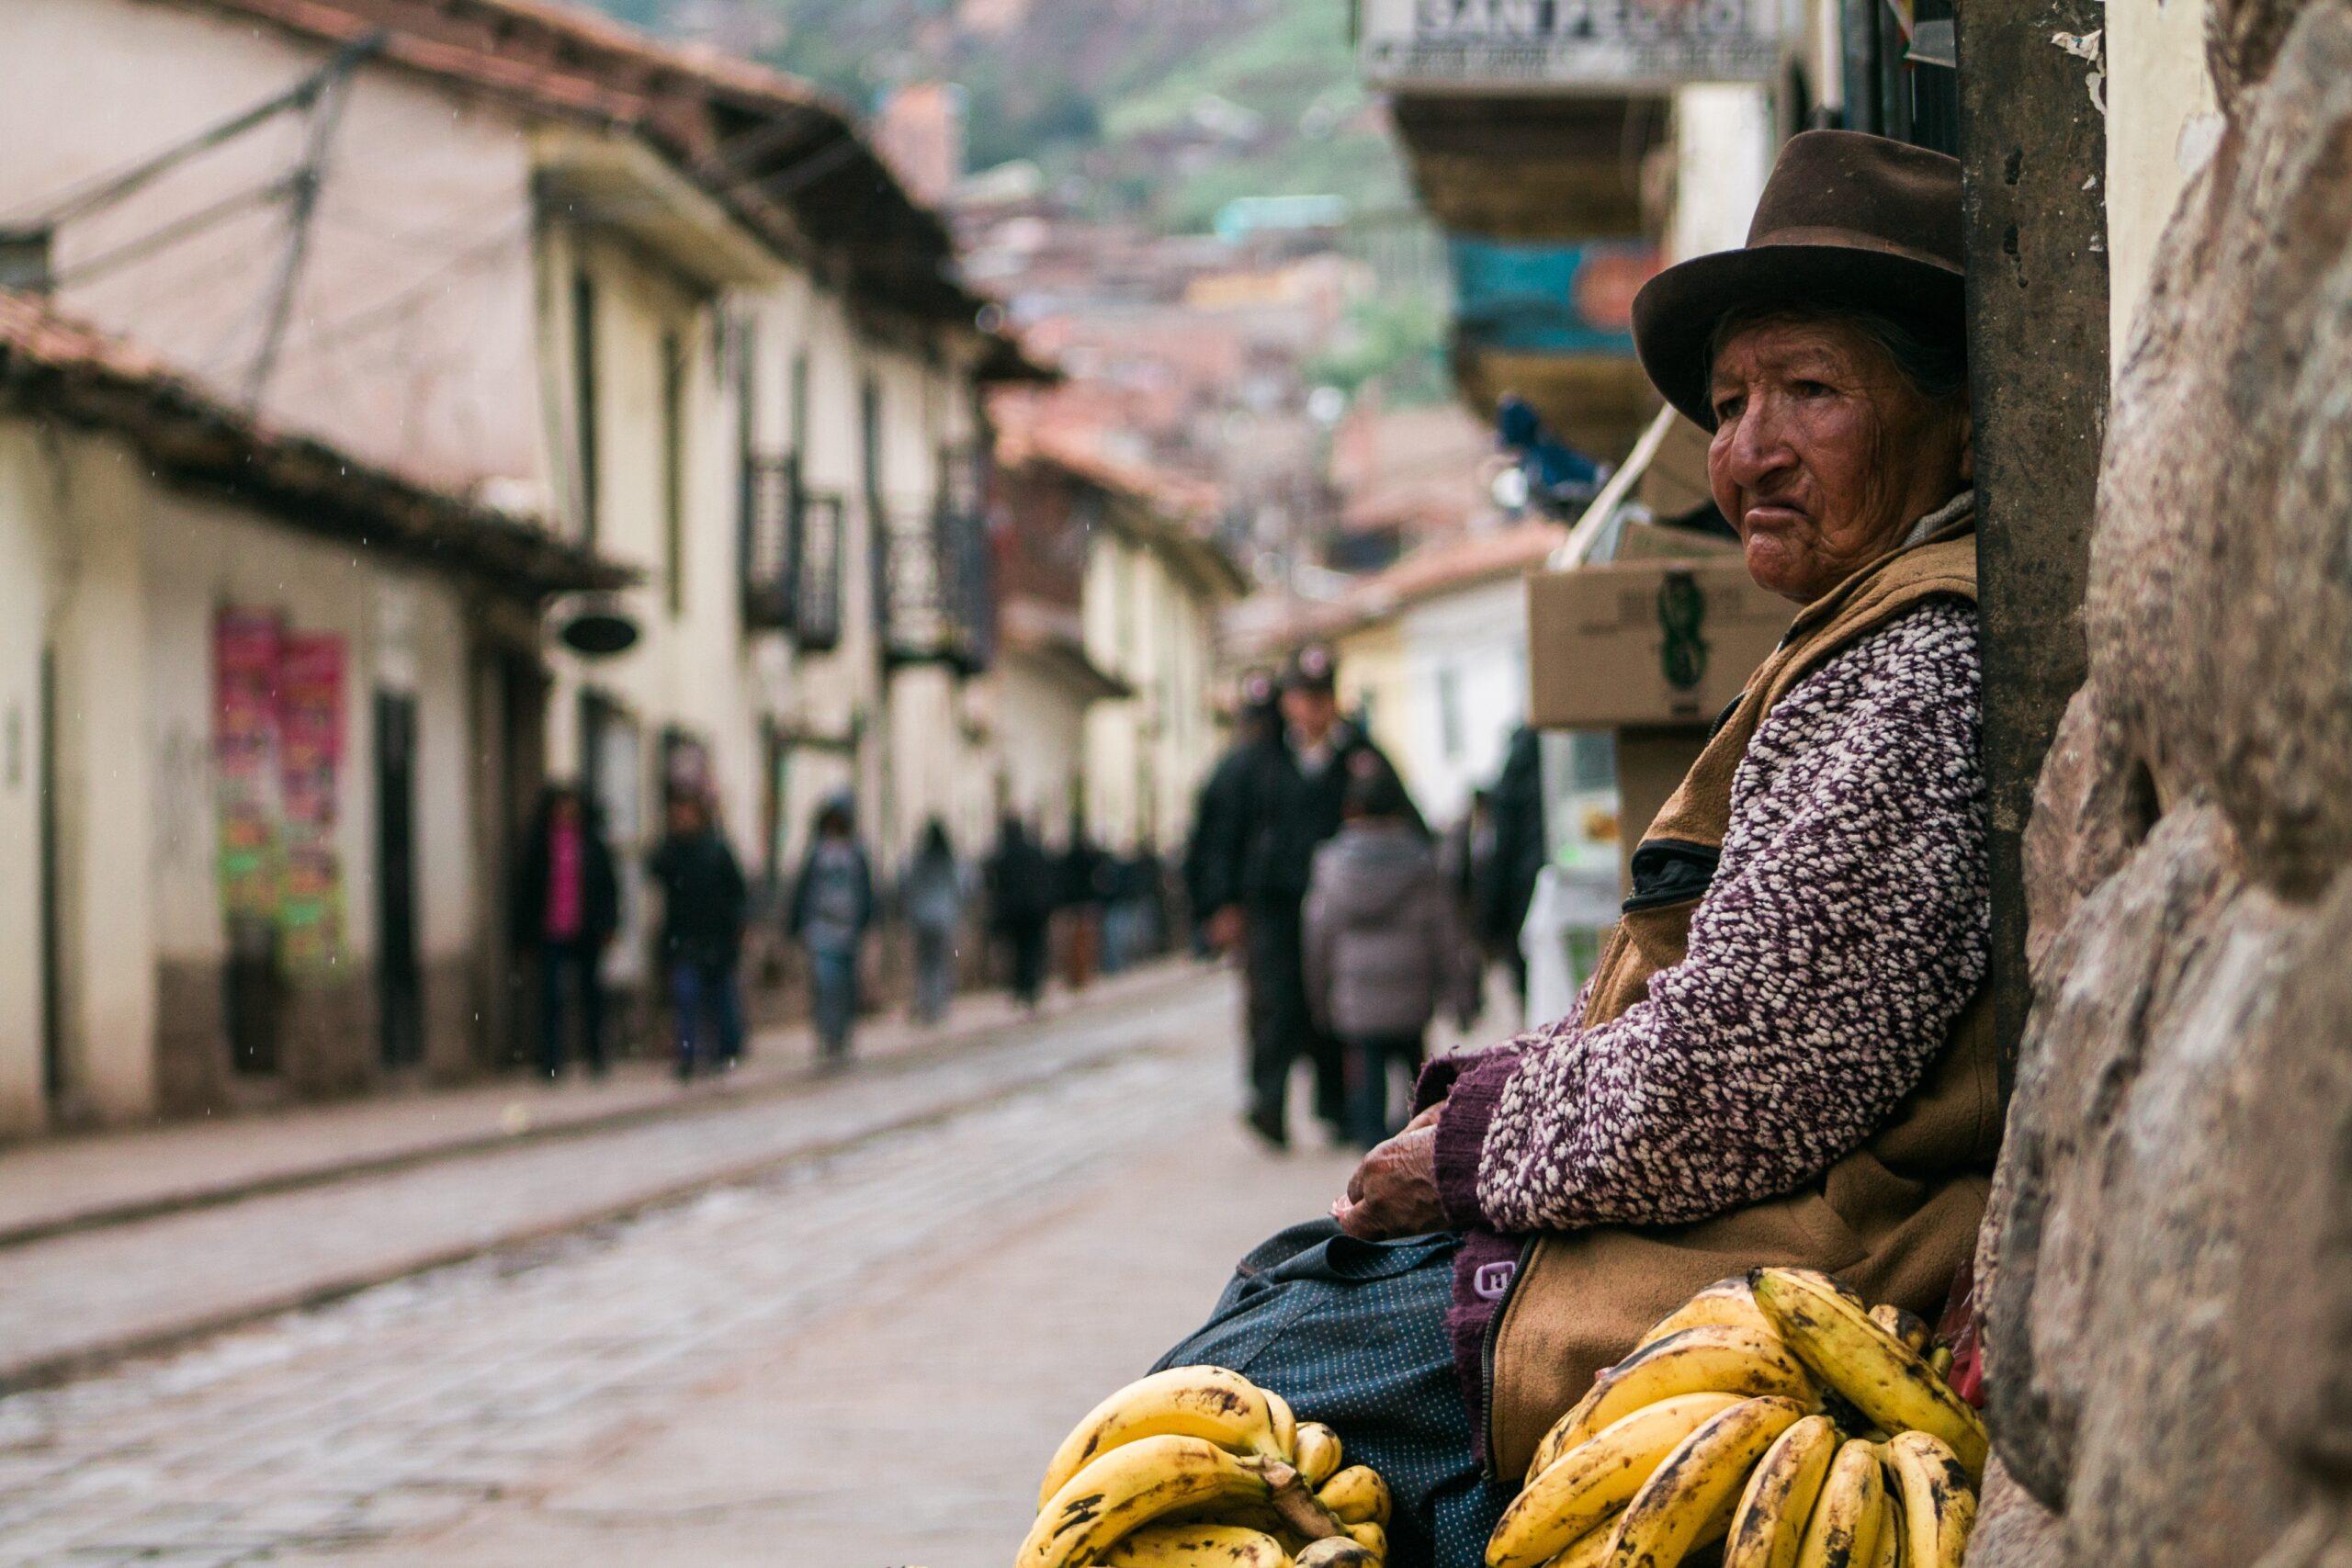 Imagen de la noticia Fomento de la soberanía alimentaria y el empoderamiento comunitario con enfoque de género, para la defensa de los derechos de 3 microcuencas de los distritos de Huanoquite y Ccapi